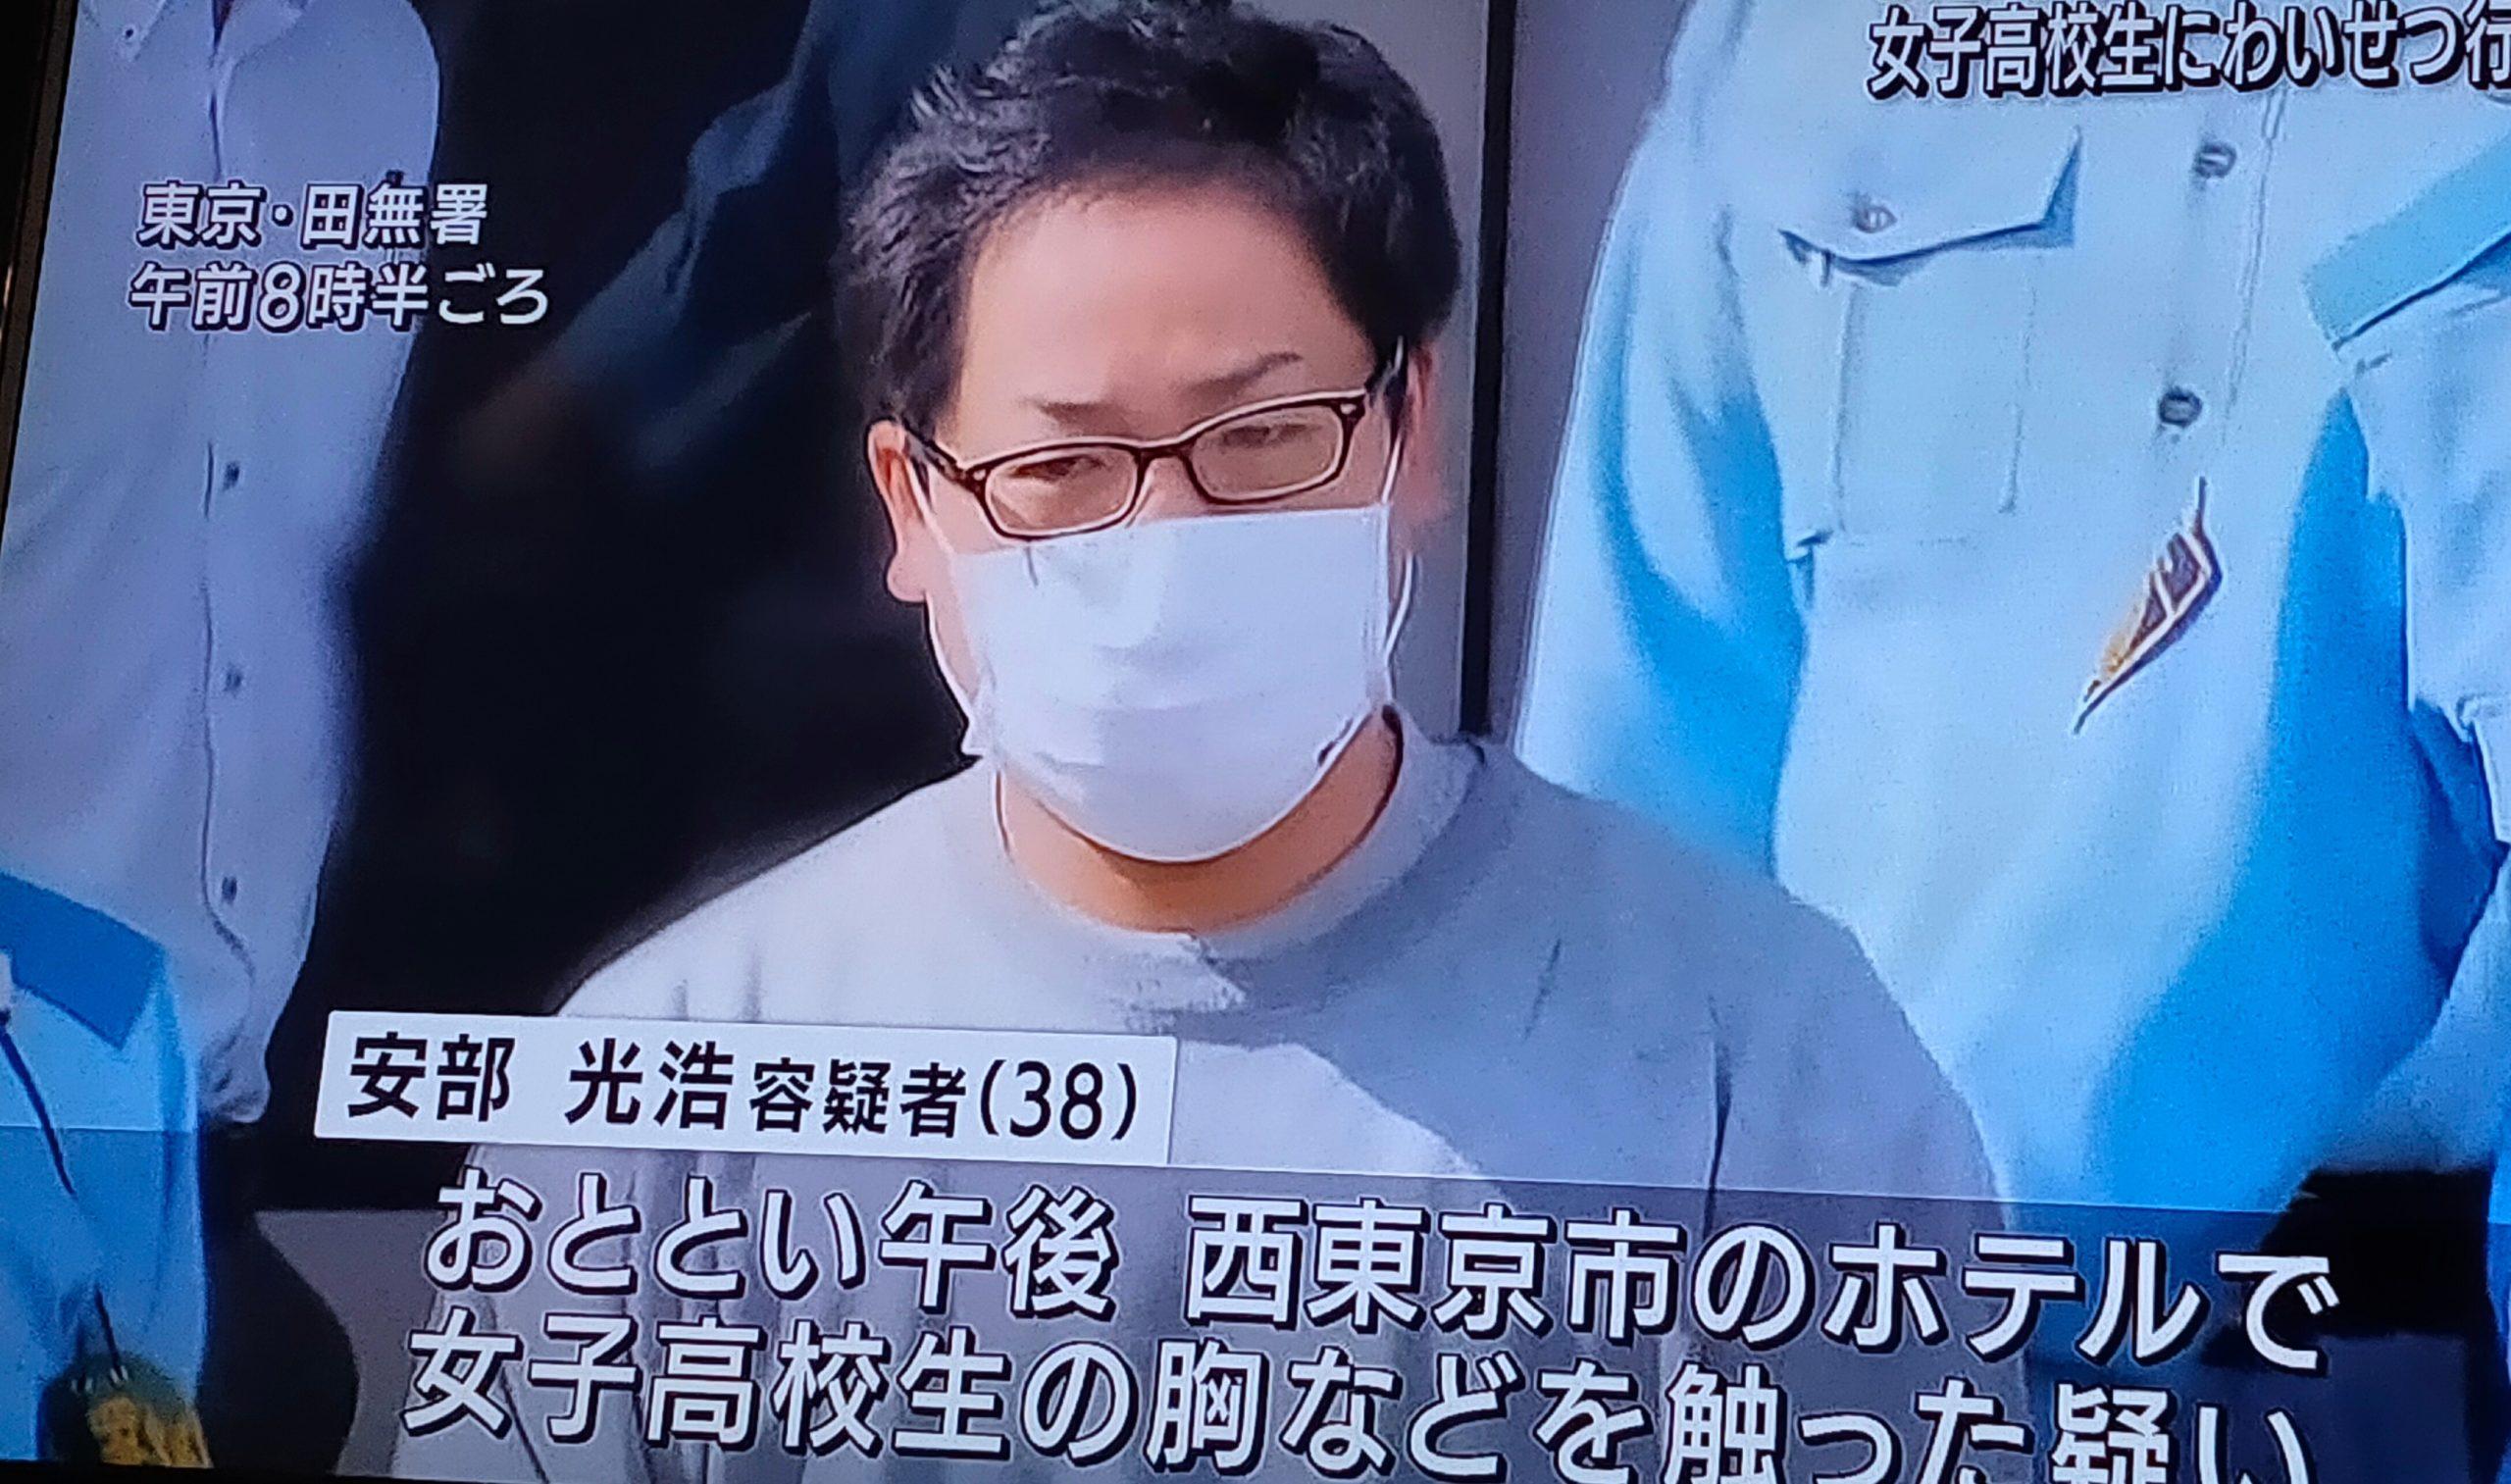 安部光浩容疑者の顔画像Facebook特定か!職業や家族(妻・子供)は?【東京わいせつ】